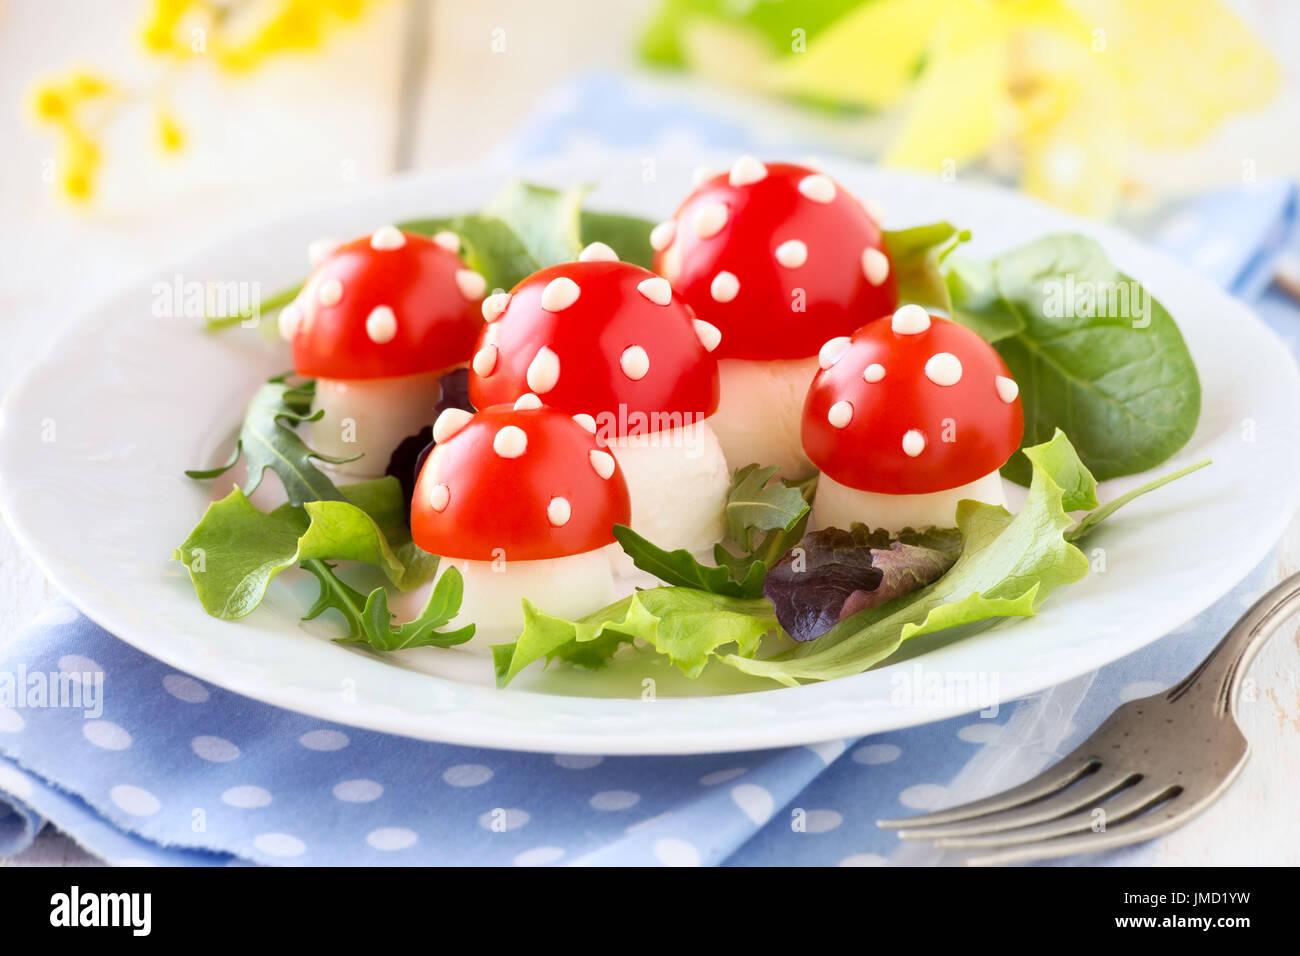 Spa beim essen f r kinder sch ne mozzarella und tomaten pilze mit salat oder kreative - Kochen fur kinder thermomix ...